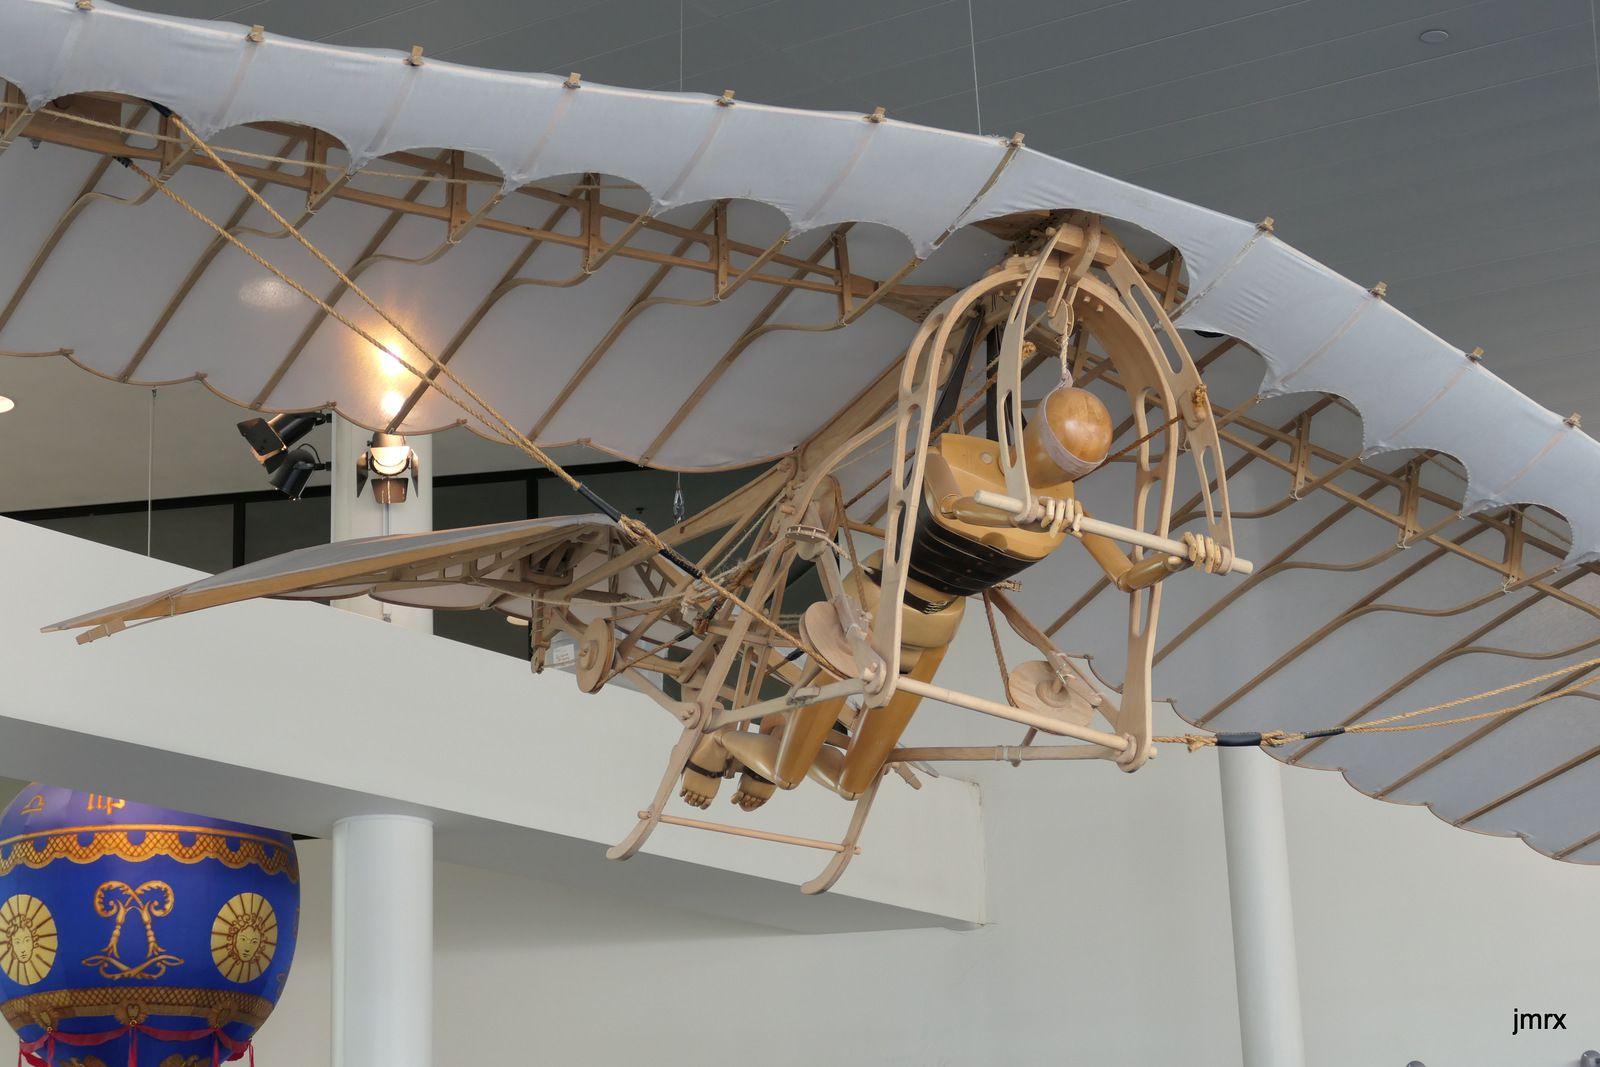 Un des monstrueux moteur de la fusée Saturn V. Le module de commande des missions Apollo pèse 6 tonnes alors que la fusée en fait 3000. C'est tout ce qui revenait sur terre soit 0.2% du poids total au décollage!